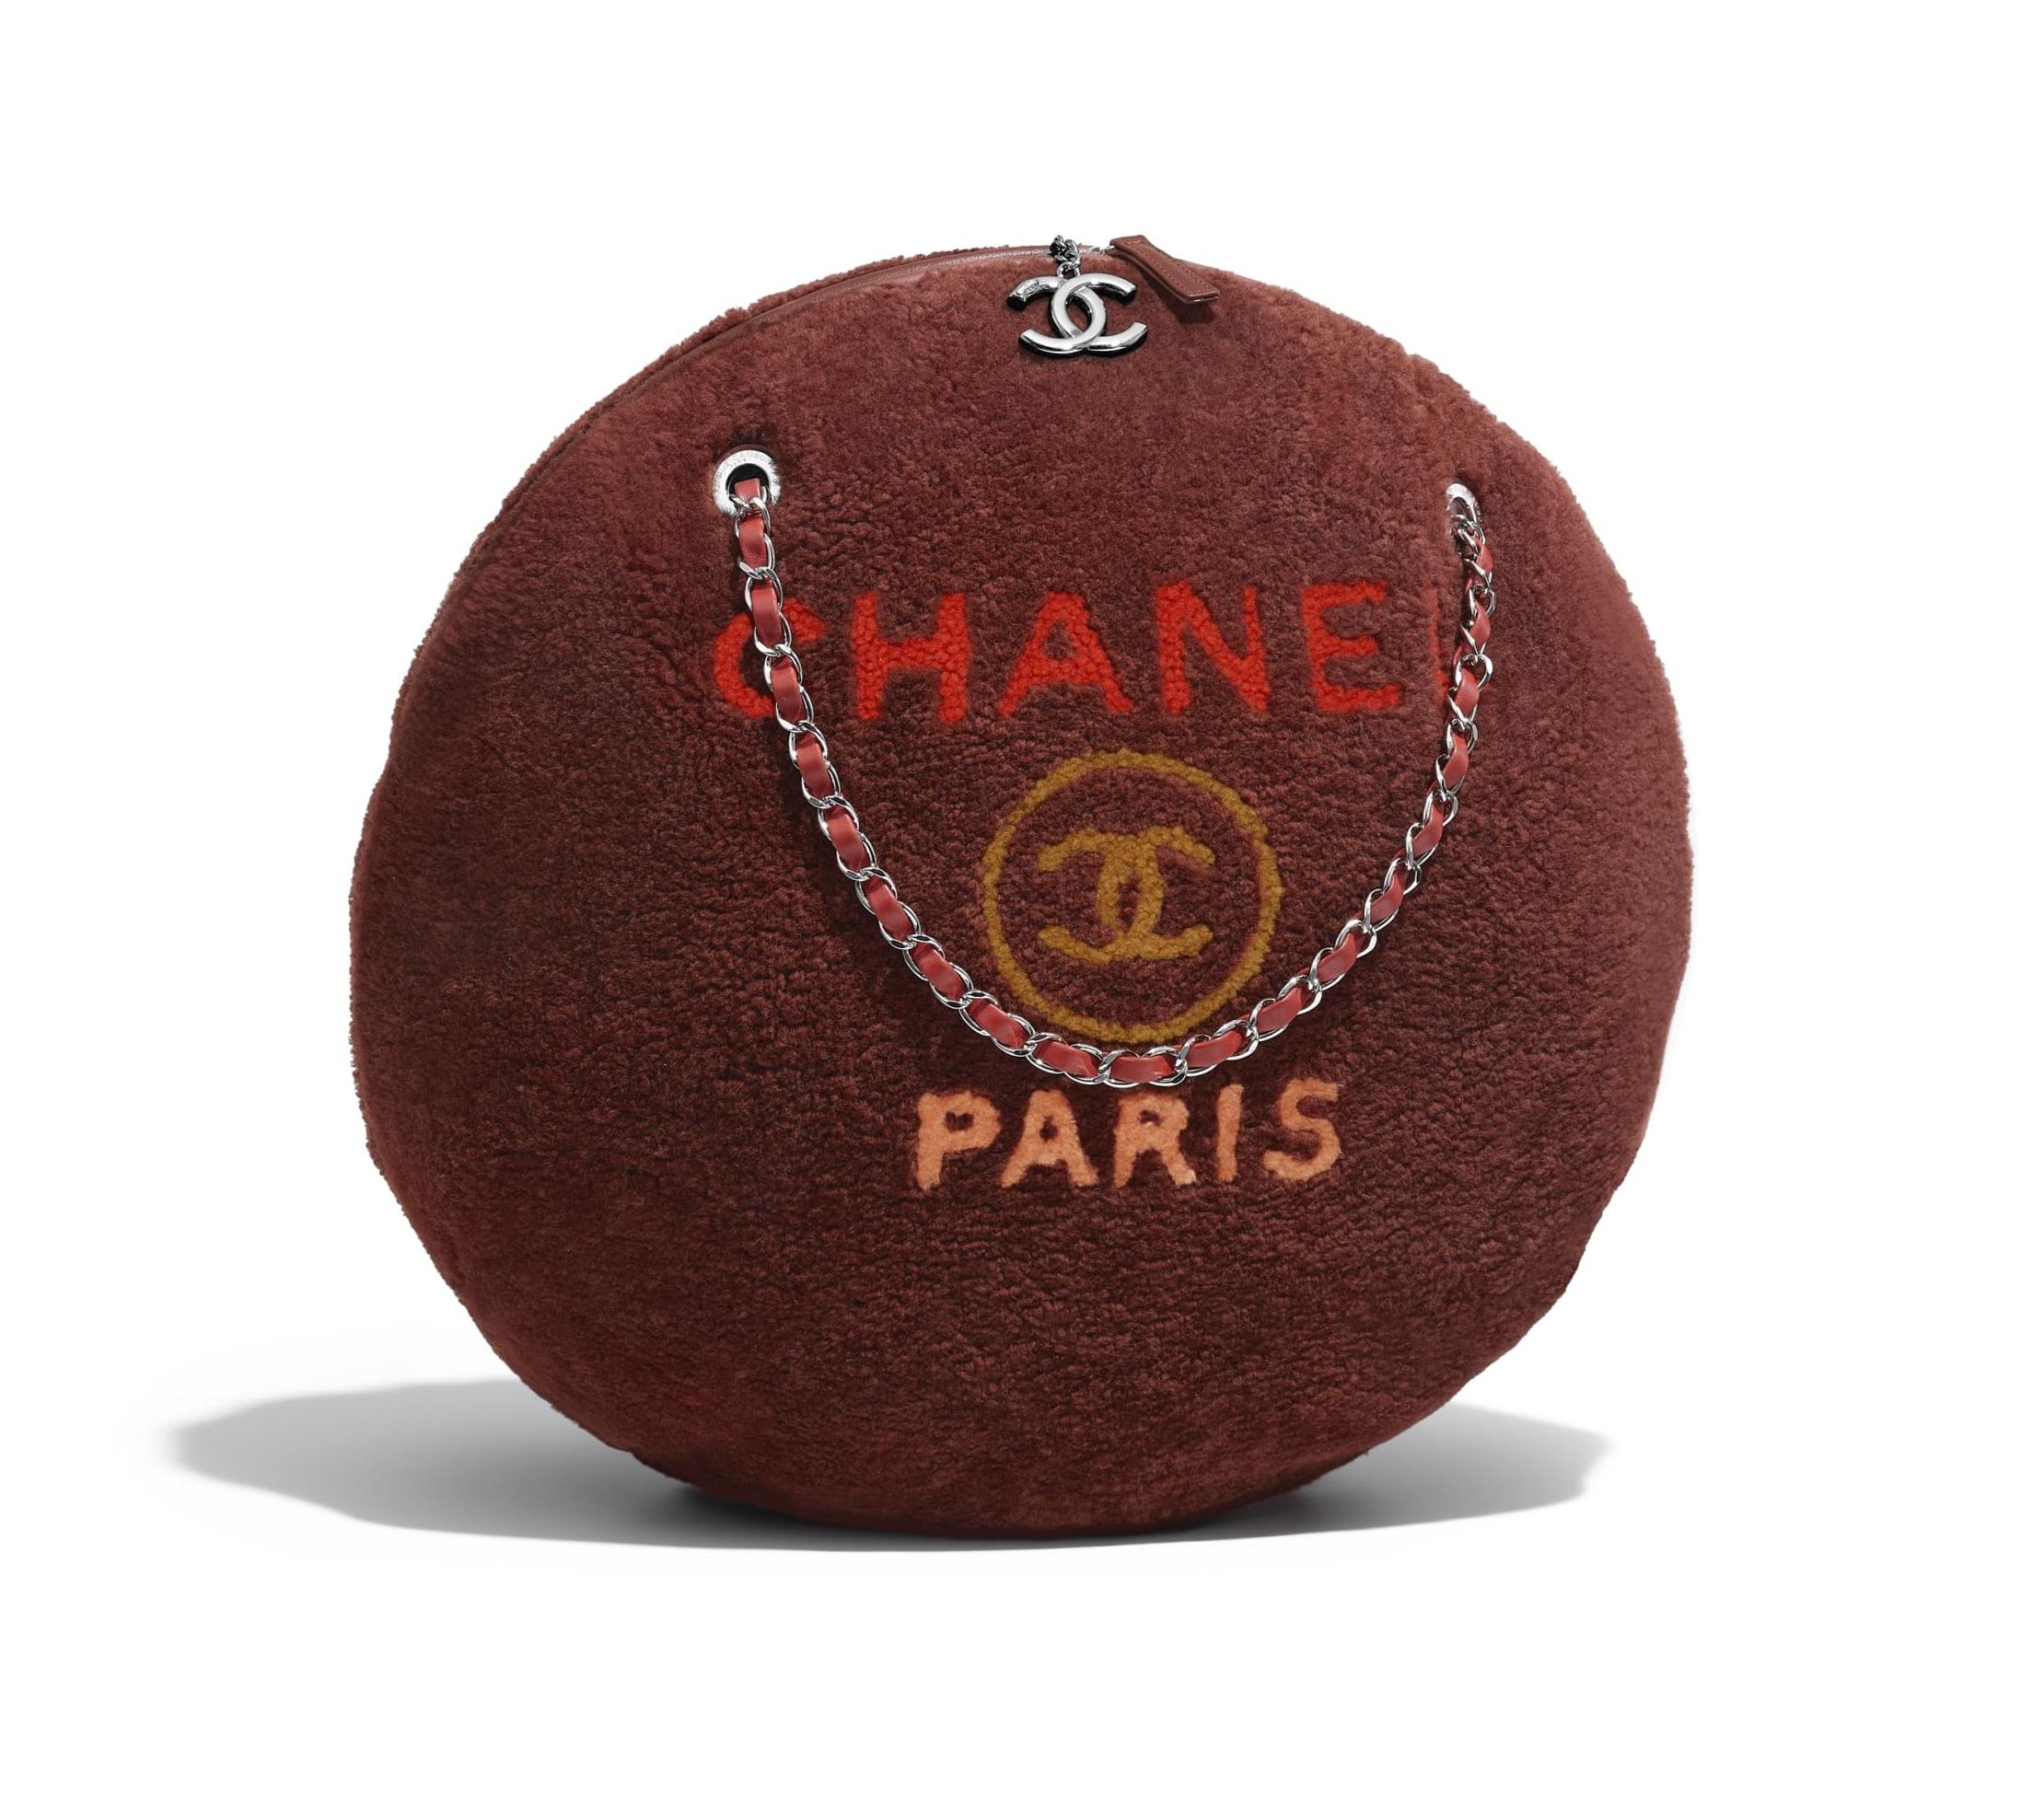 Borsa tonda Chanel in montone e pelle autunno inverno 2018 2019